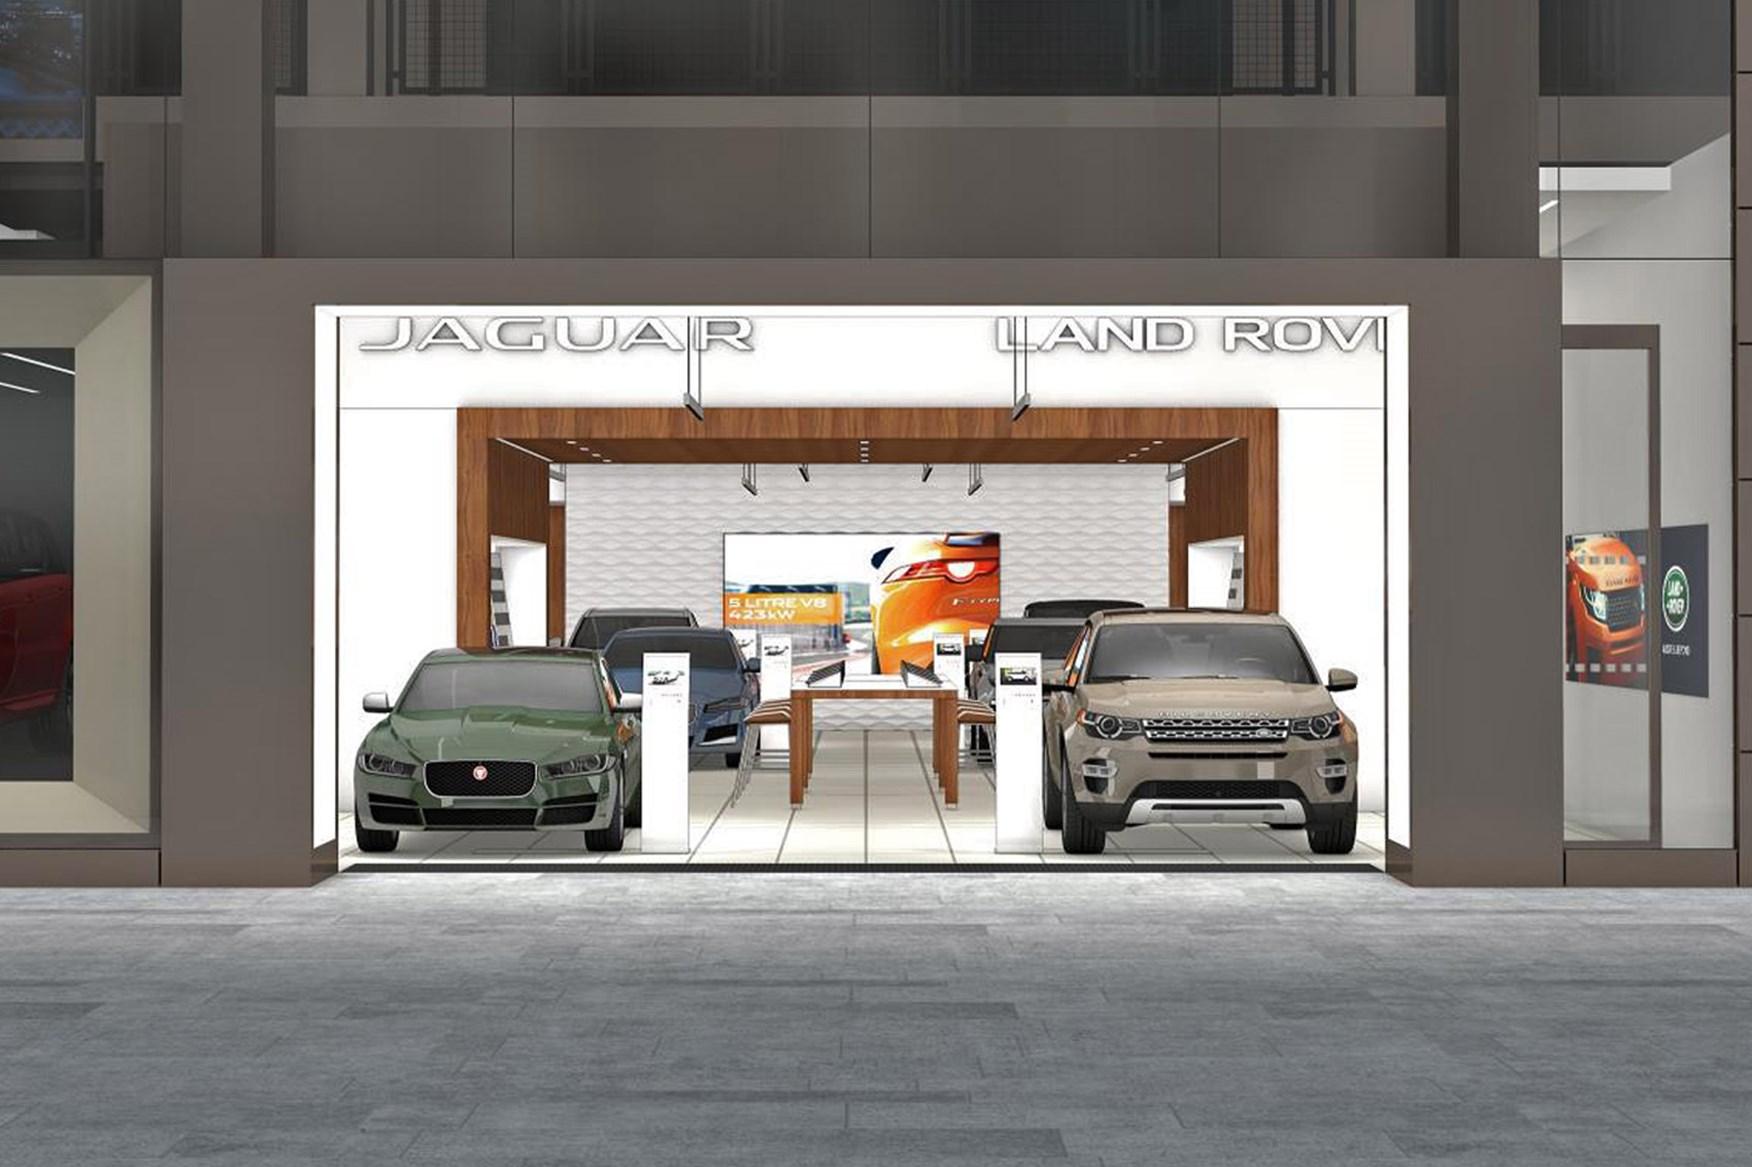 Add To Basket Jaguar Land Rover To Offer Online Sales